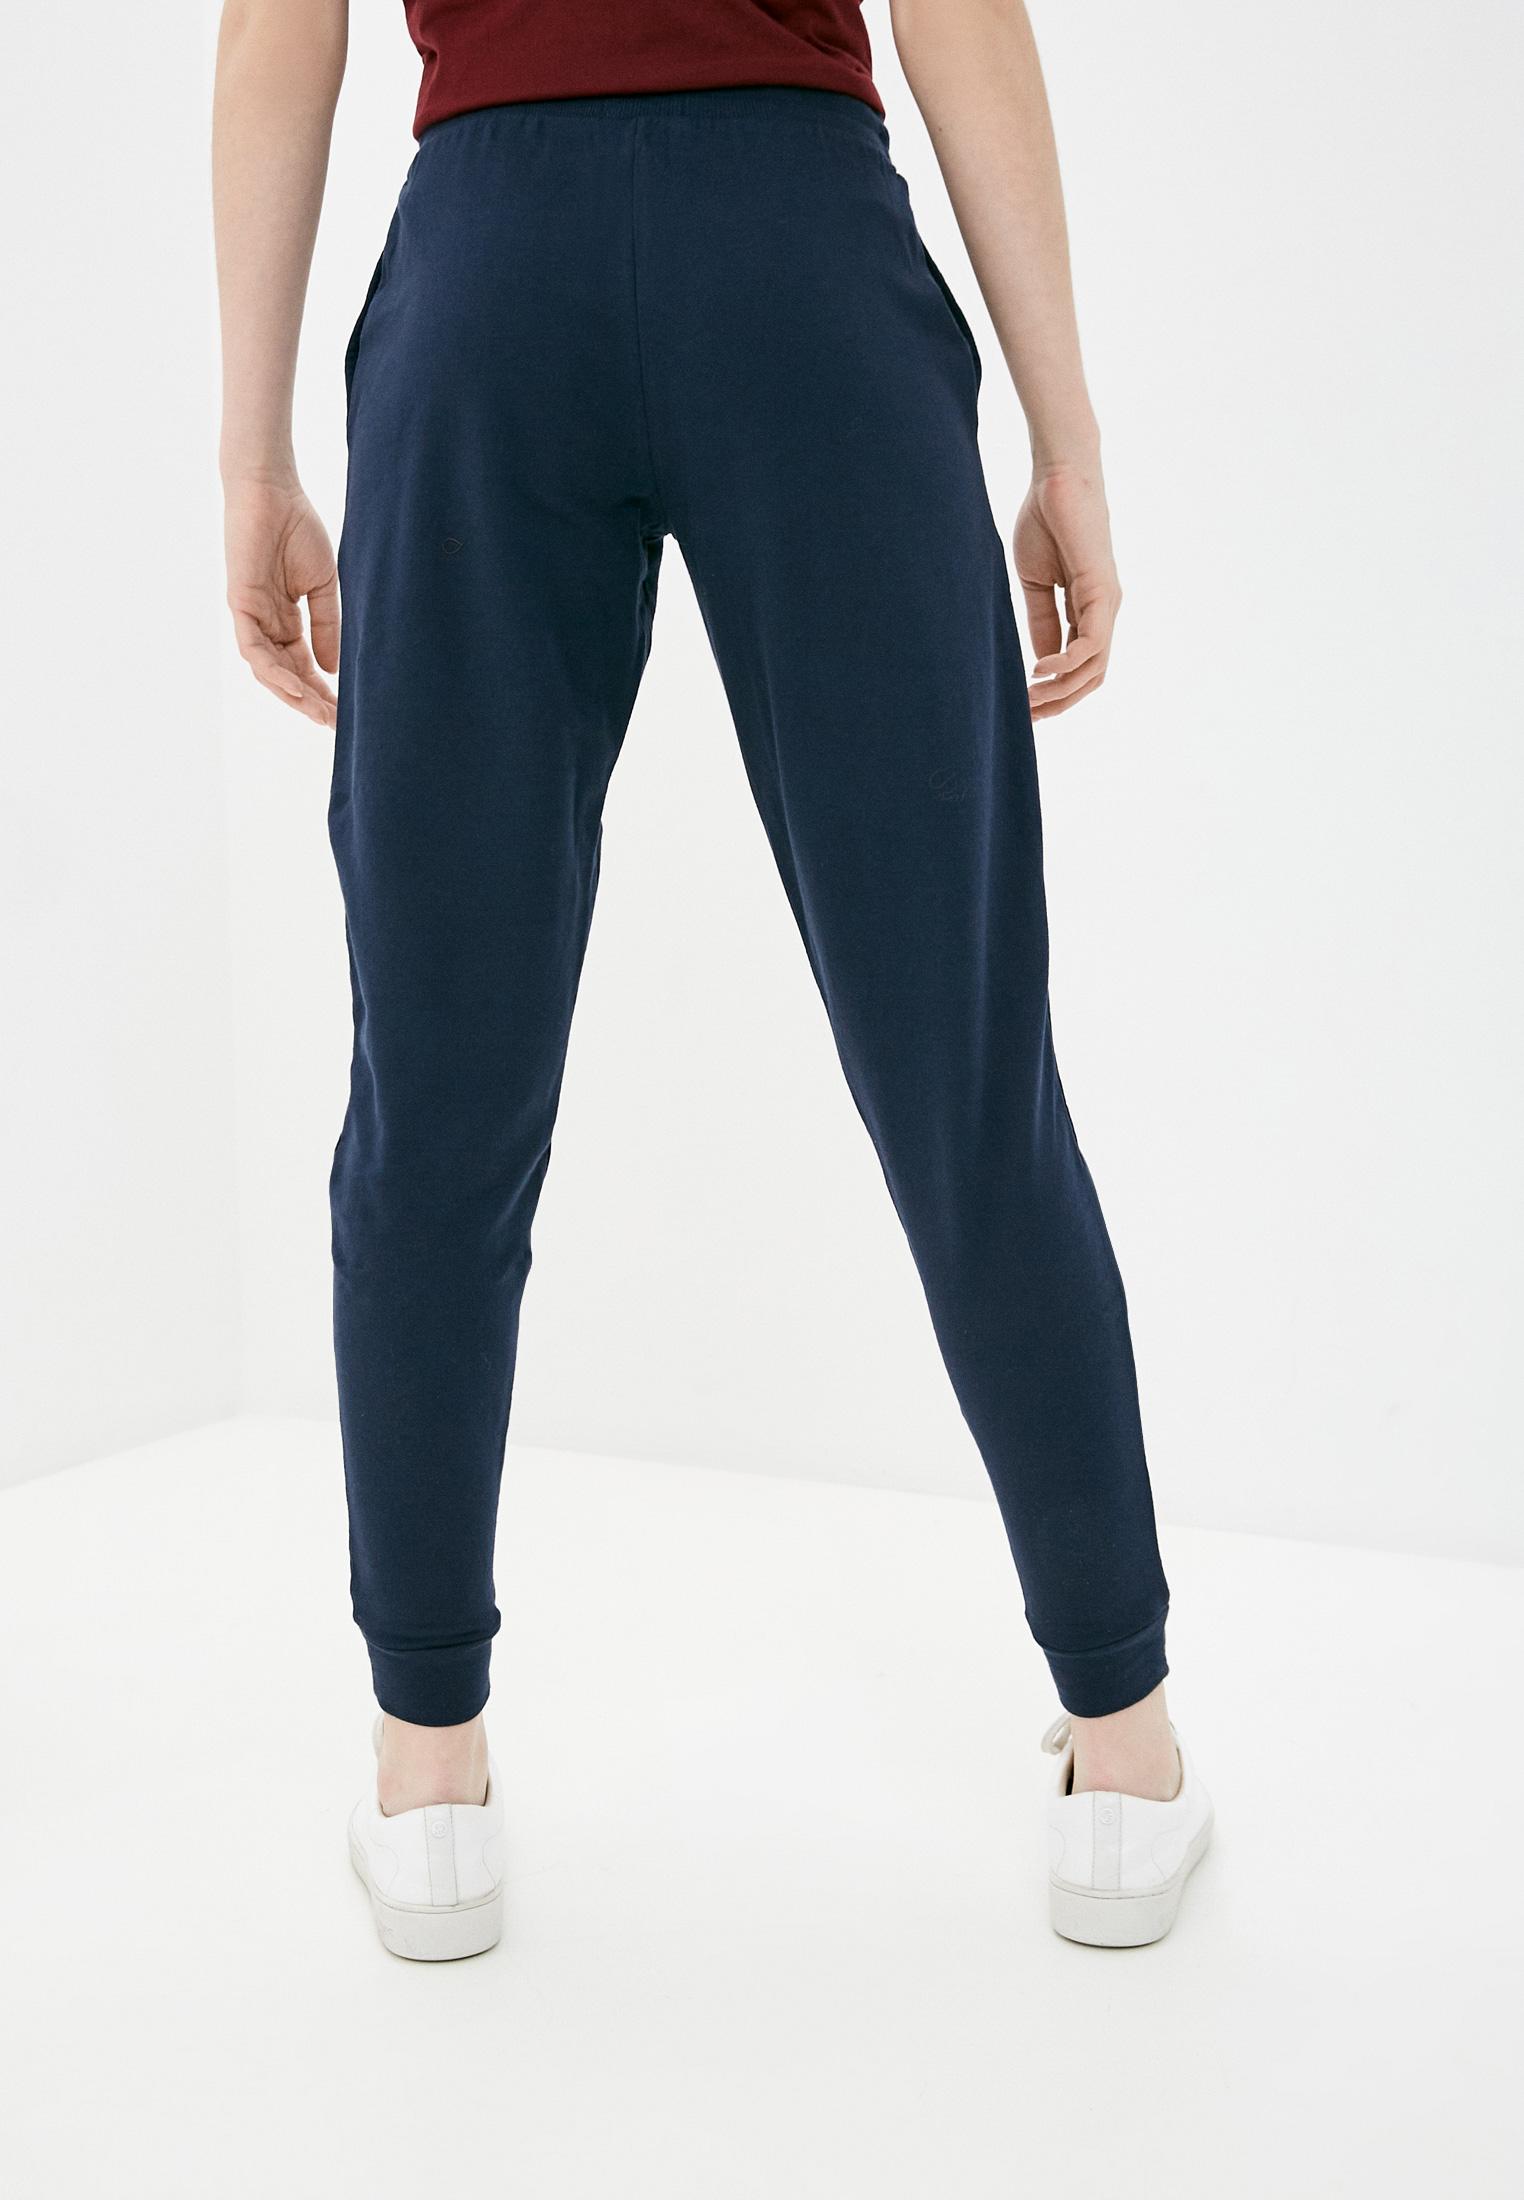 Женские домашние брюки Tommy Hilfiger (Томми Хилфигер) UW0UW01924: изображение 3